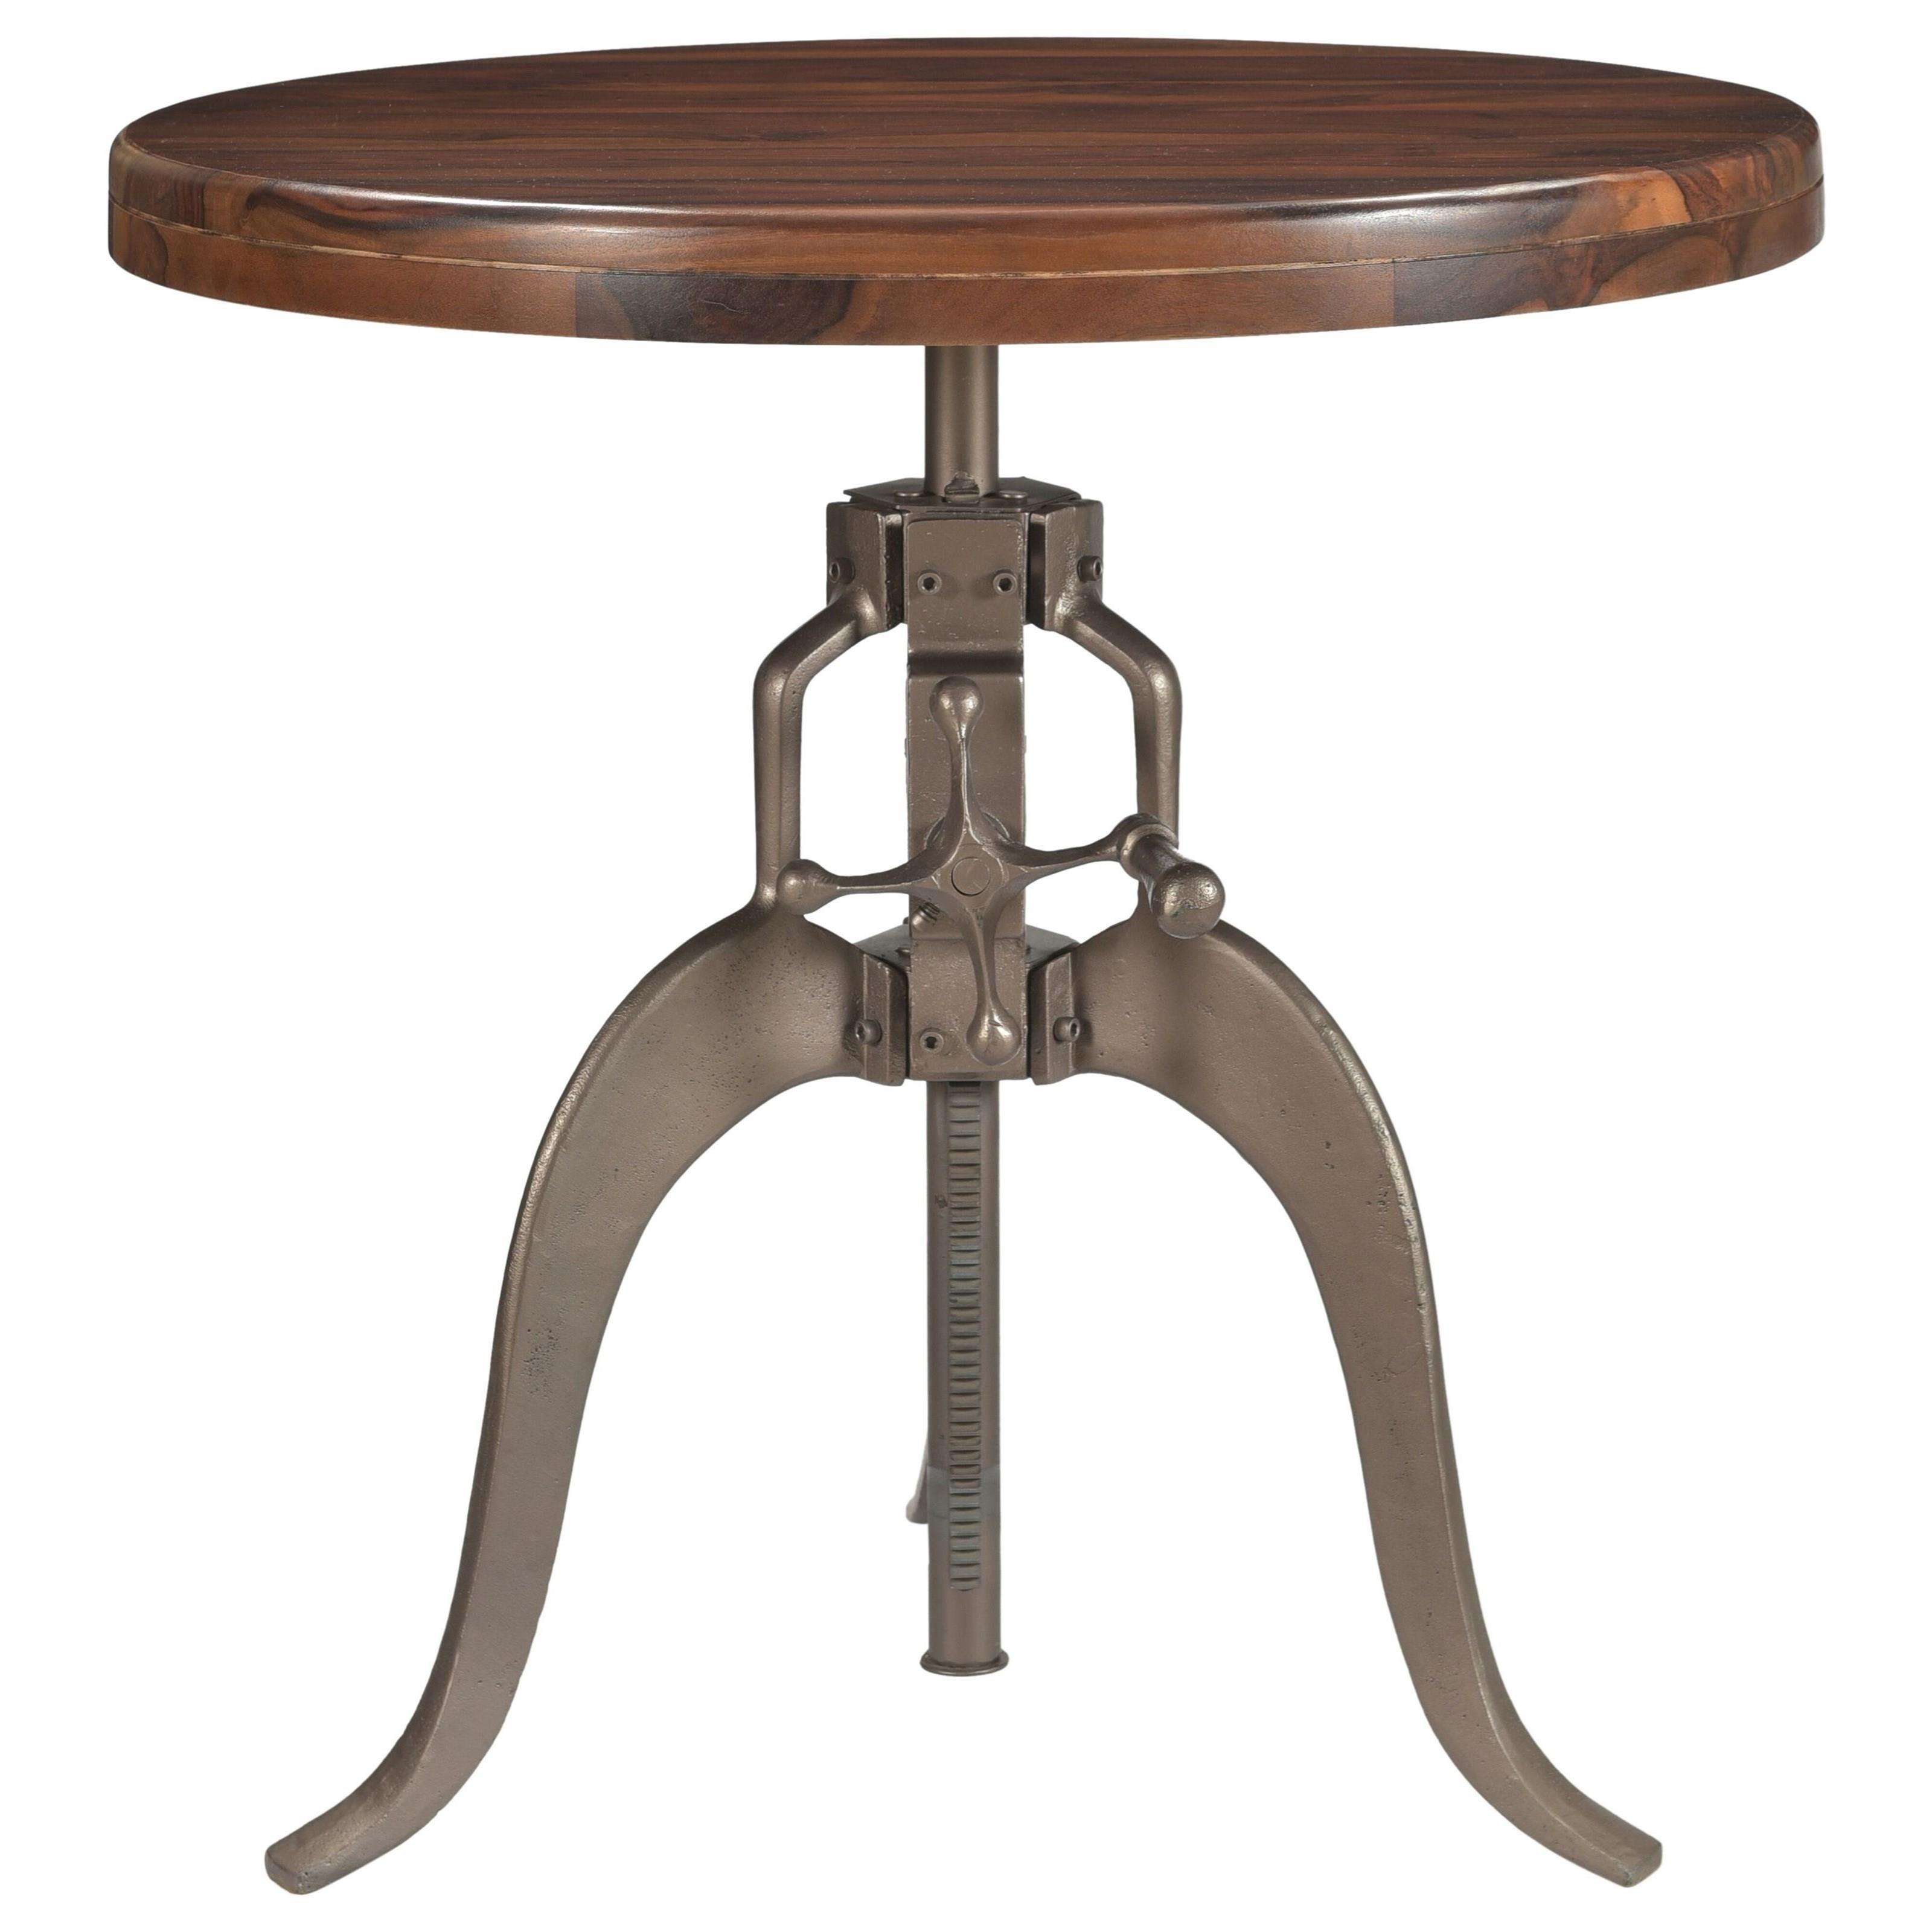 Industrial Round Adjustable Pub Table